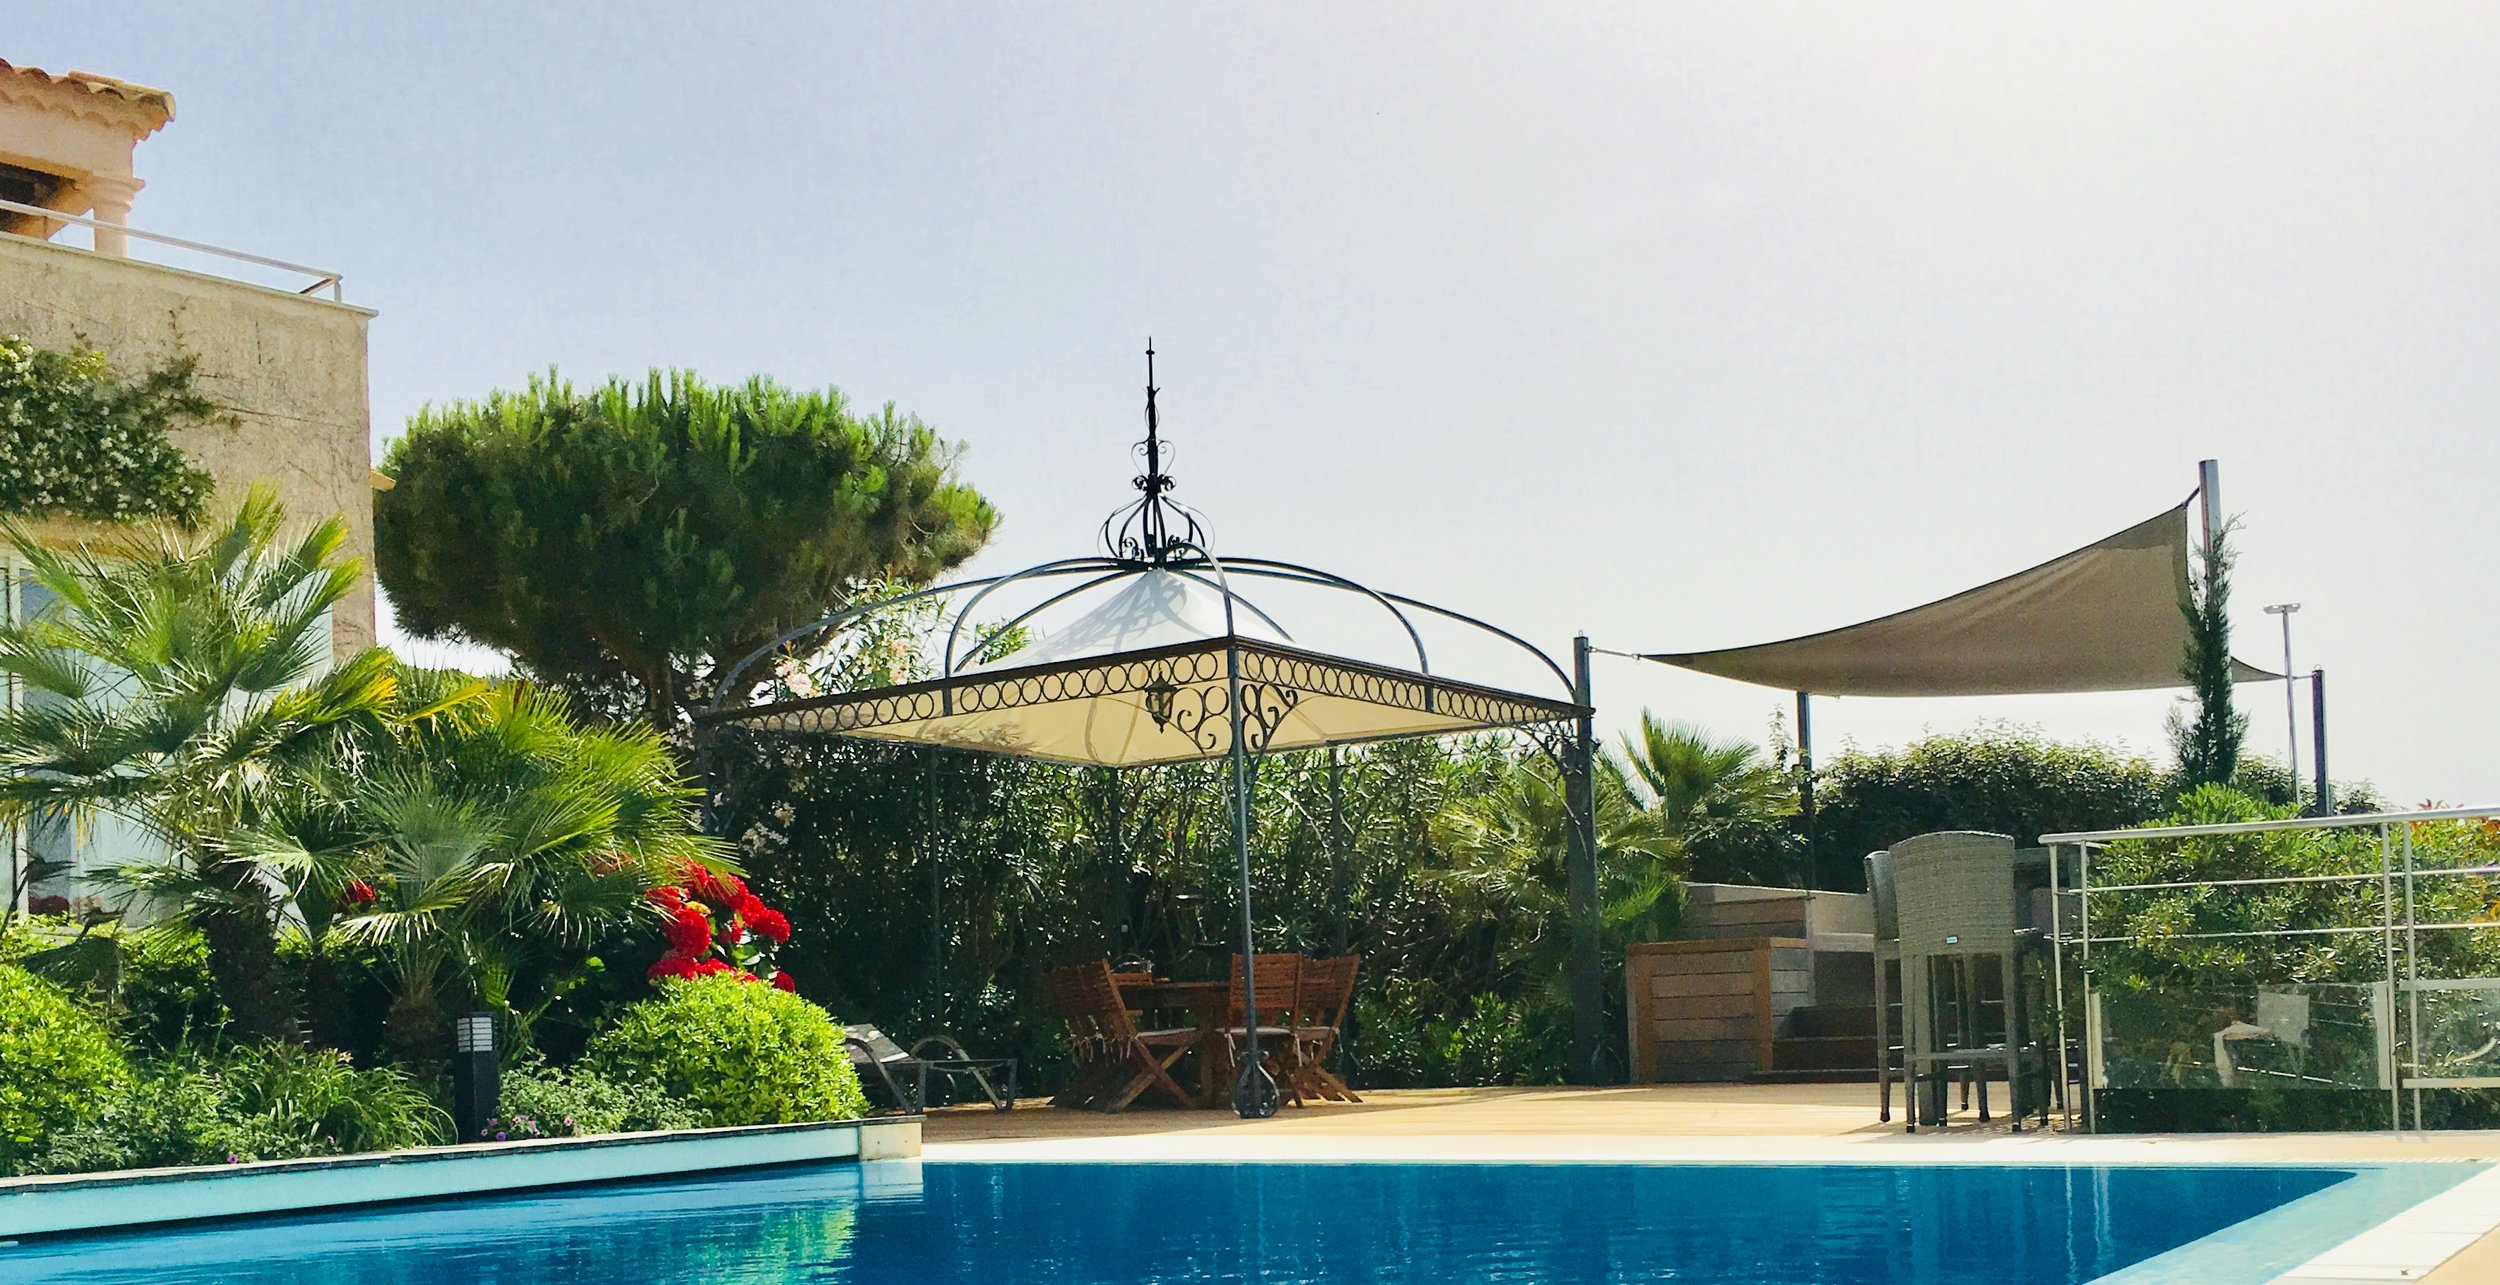 Terrasse und Lounge auf Poolebene